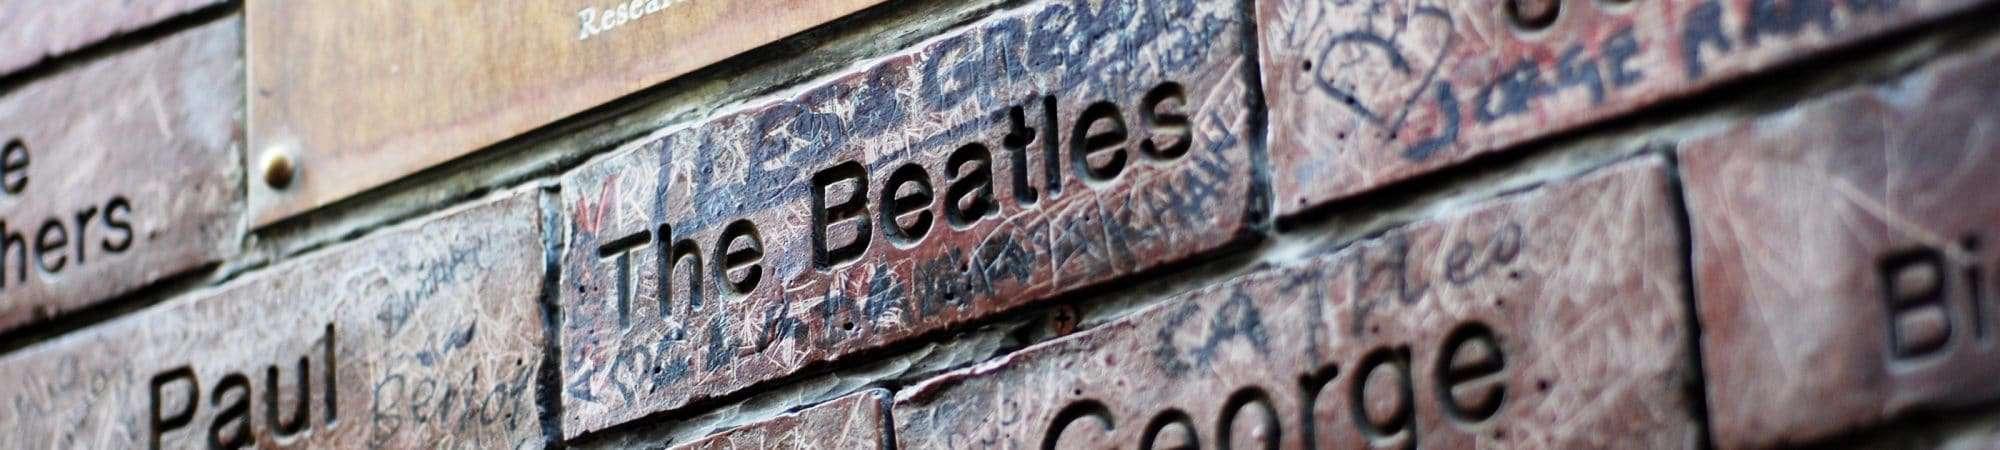 Policial usa música dos Beatles para derrubar lives do Instagram